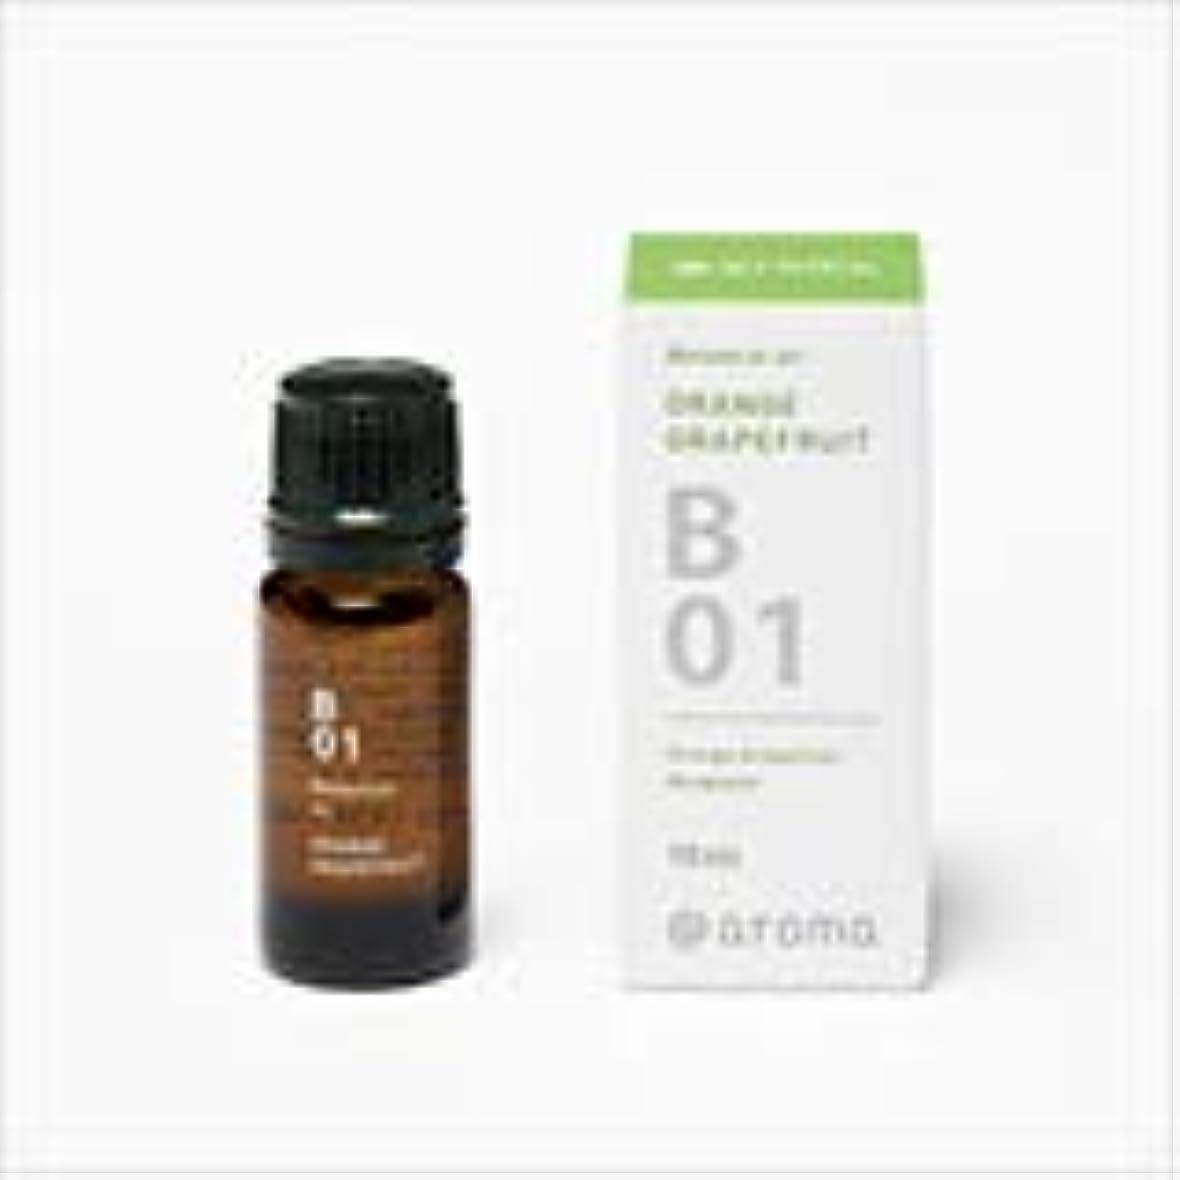 流行している森ファーザーファージュアットアロマ 100%pure essential oil <Botanical air ジュニパーシダー>